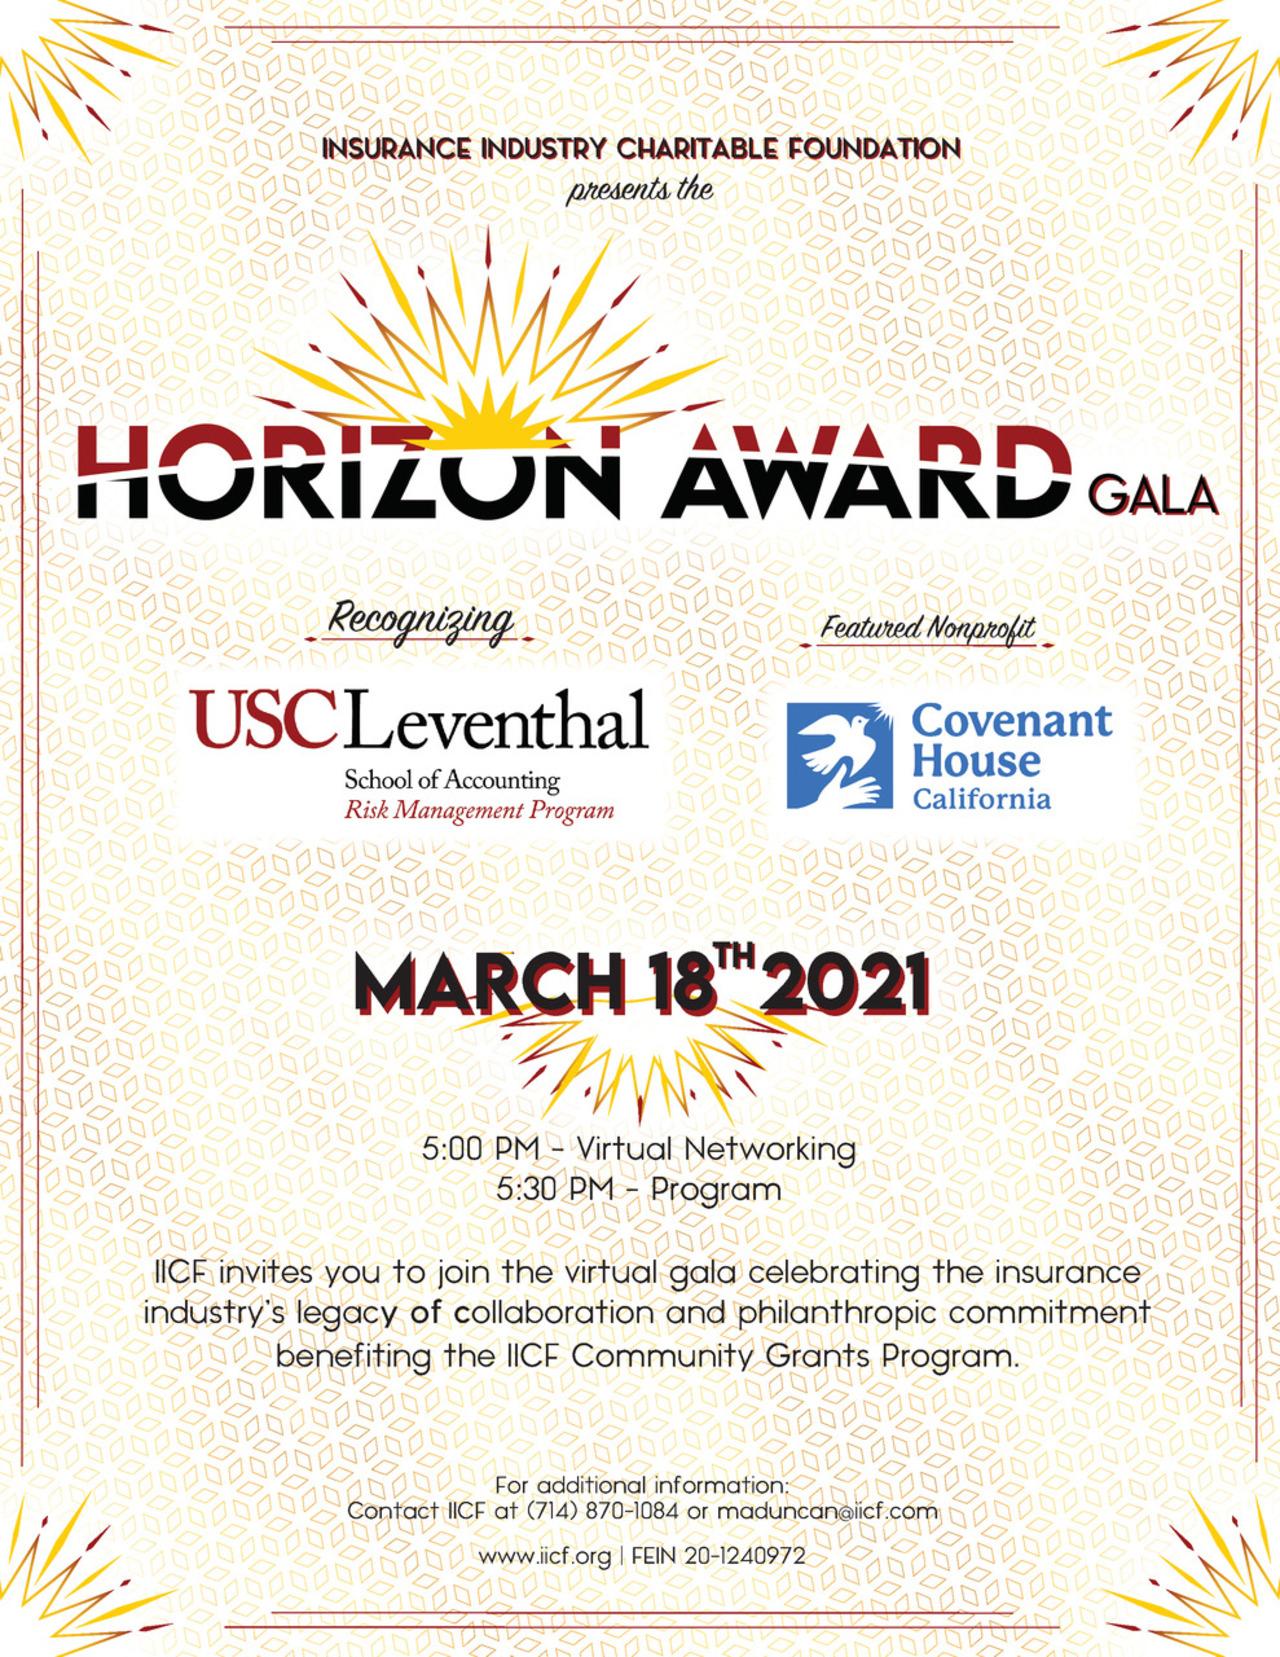 IICF Horizon Award Gala